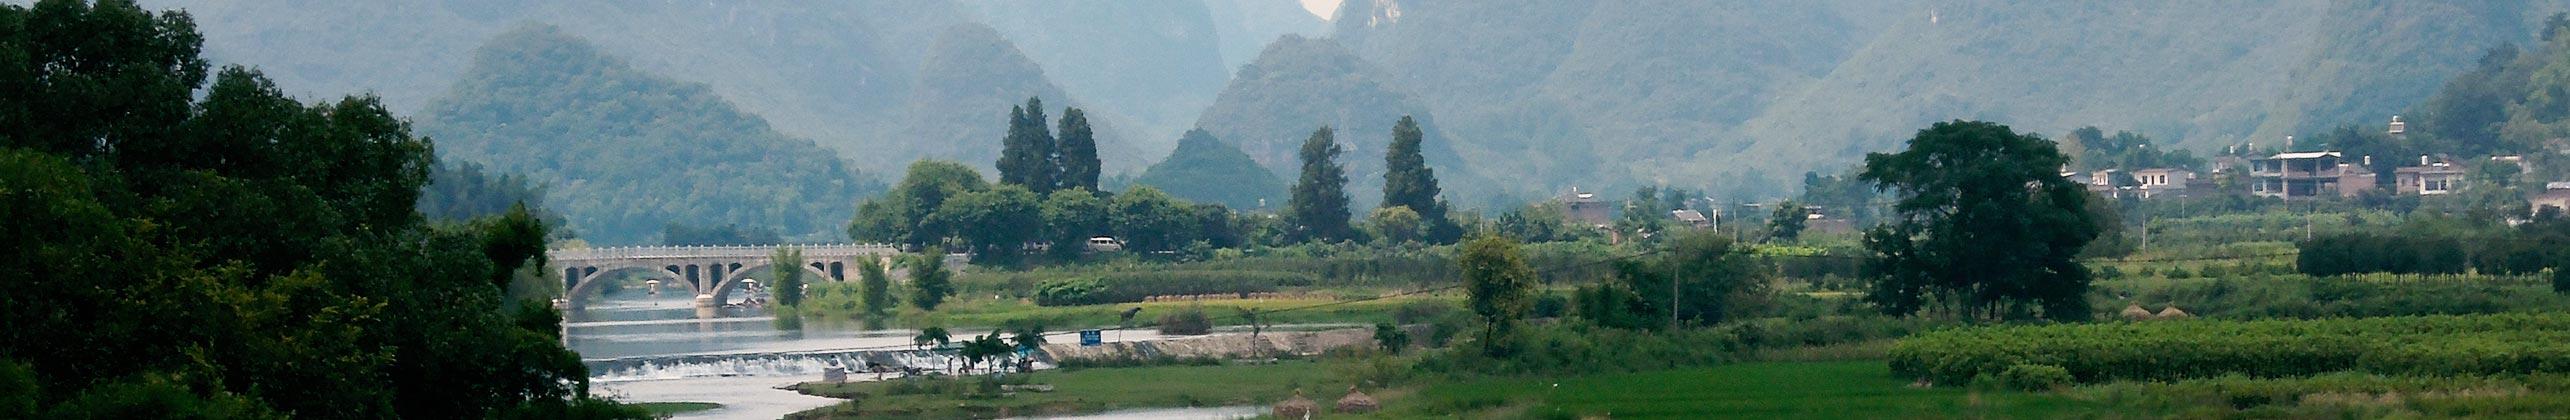 Tourisme équitable et solidaire en Asie avec TDS VOYAGE